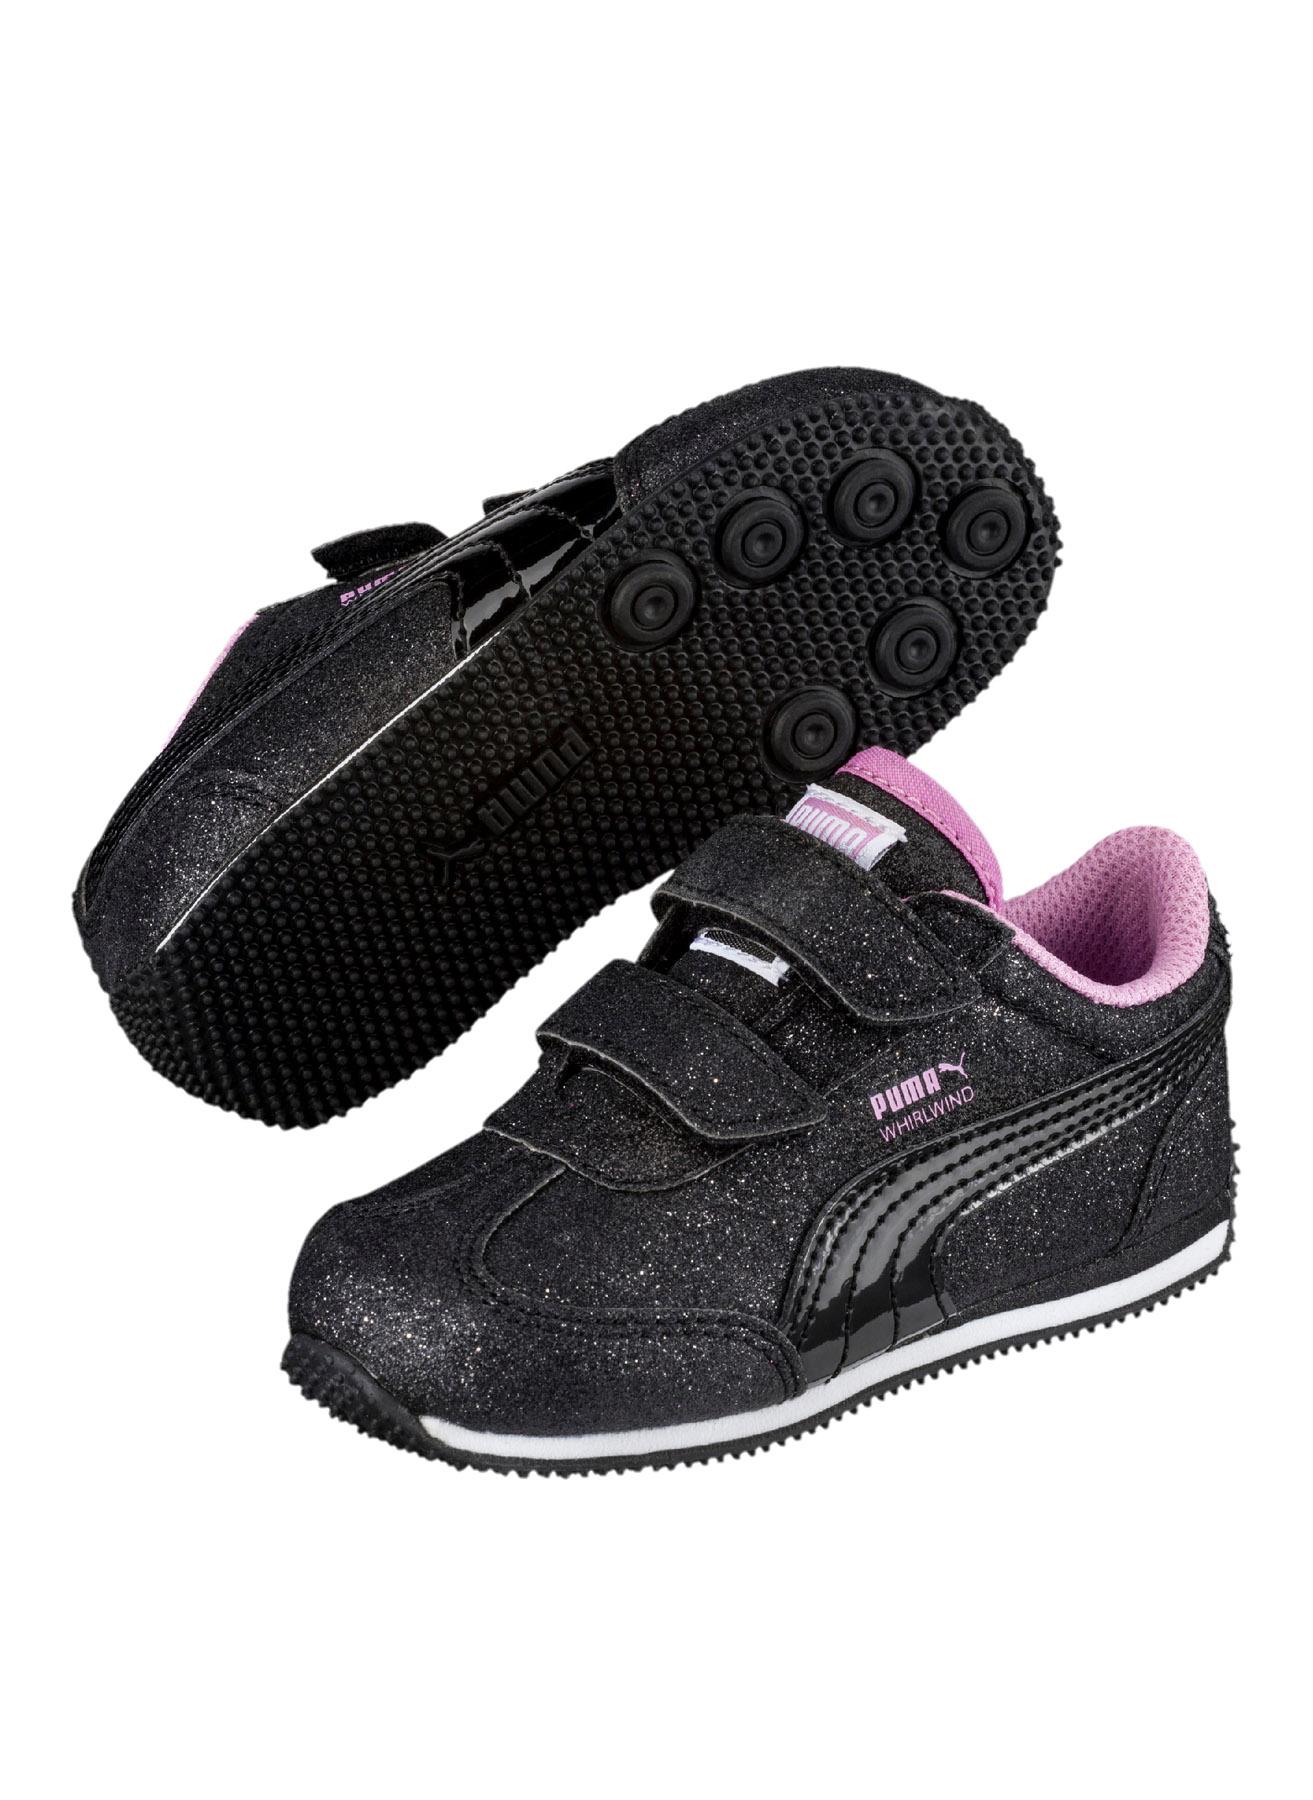 Puma Yürüyüş Ayakkabısı 24 5001697549005 Ürün Resmi